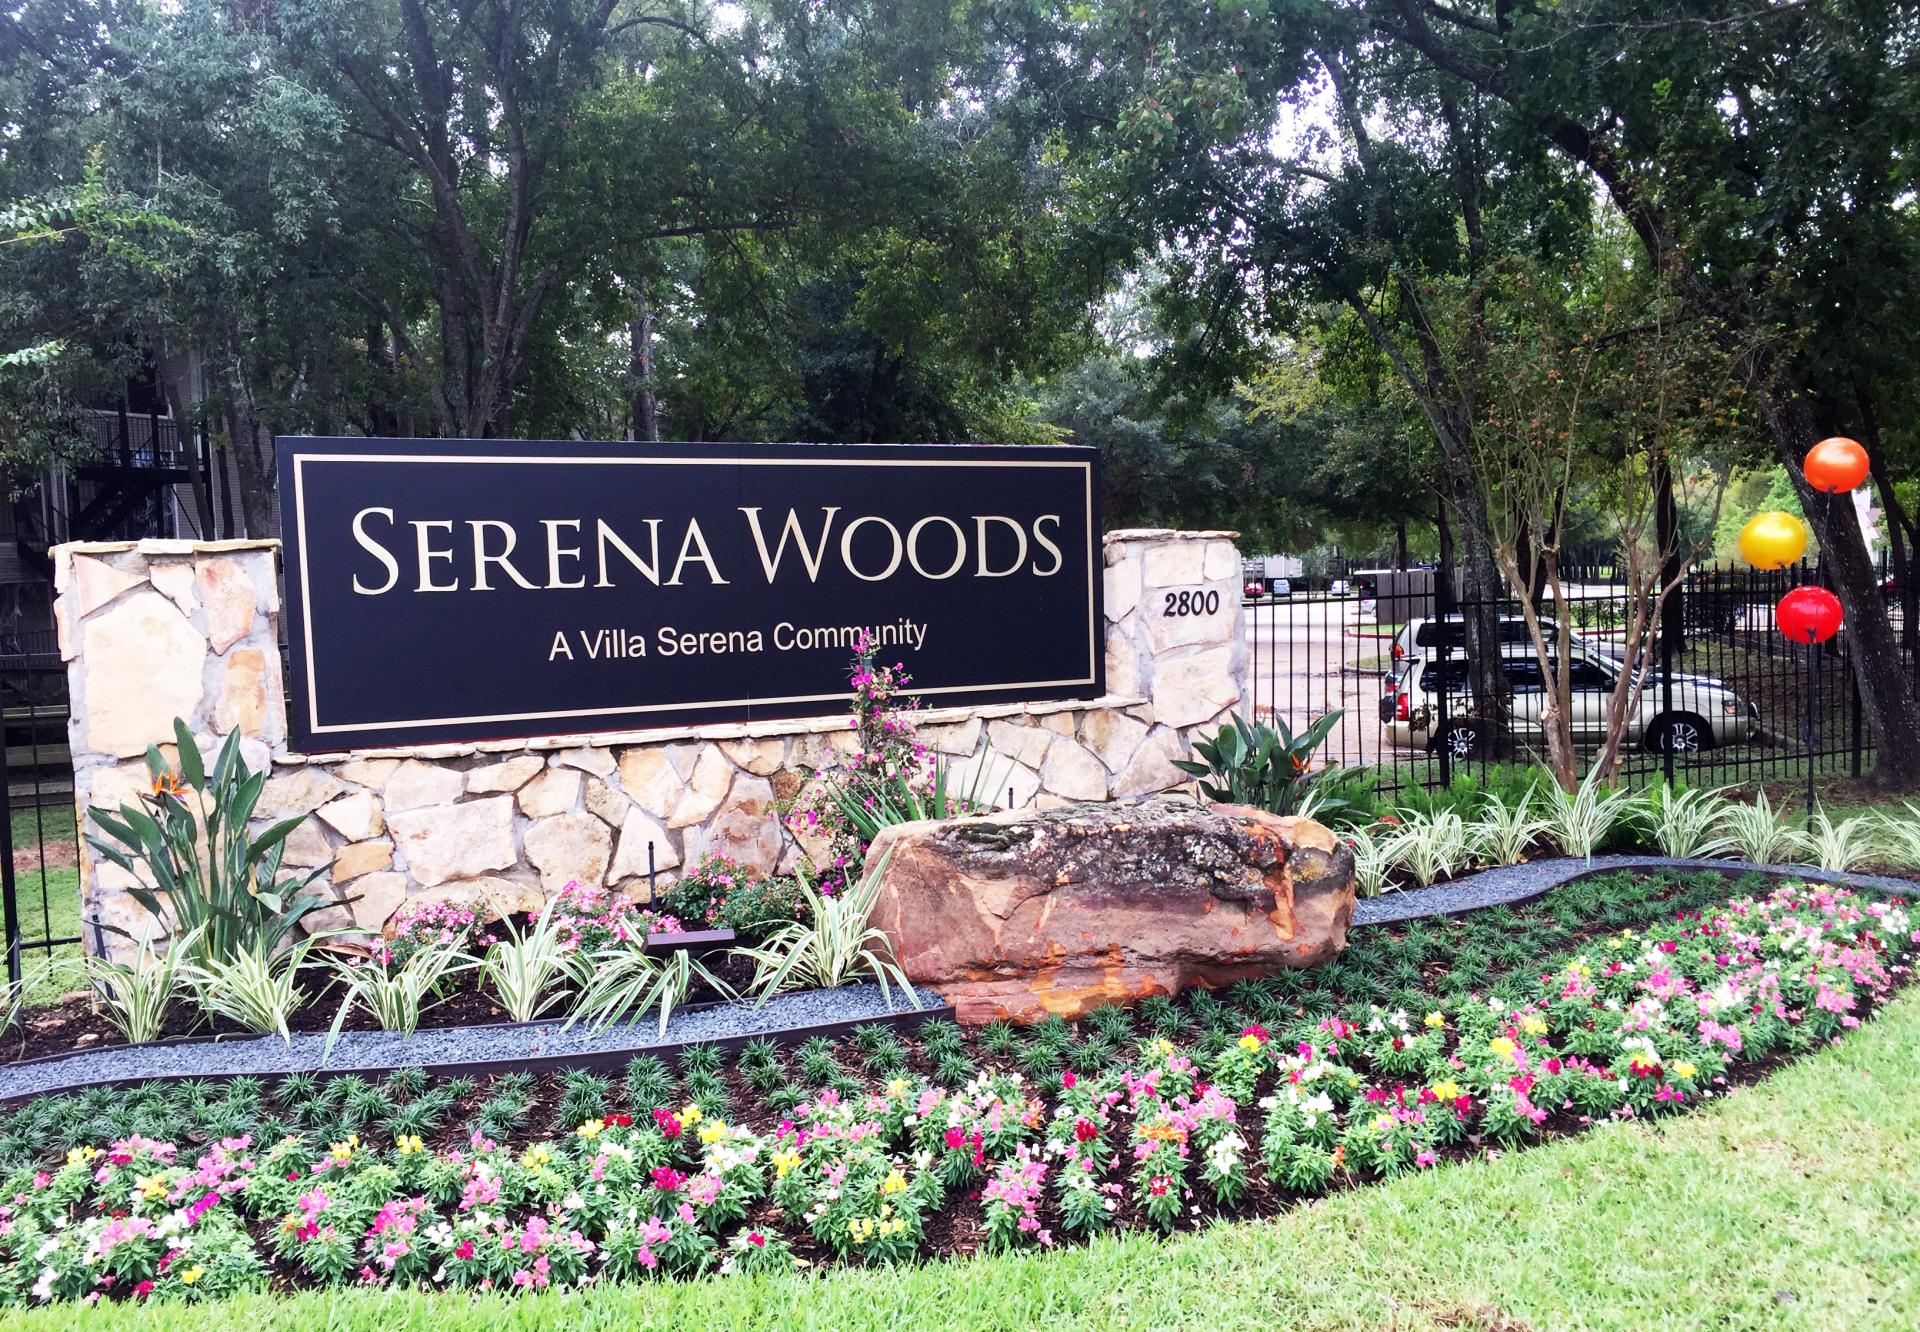 Serena Woods